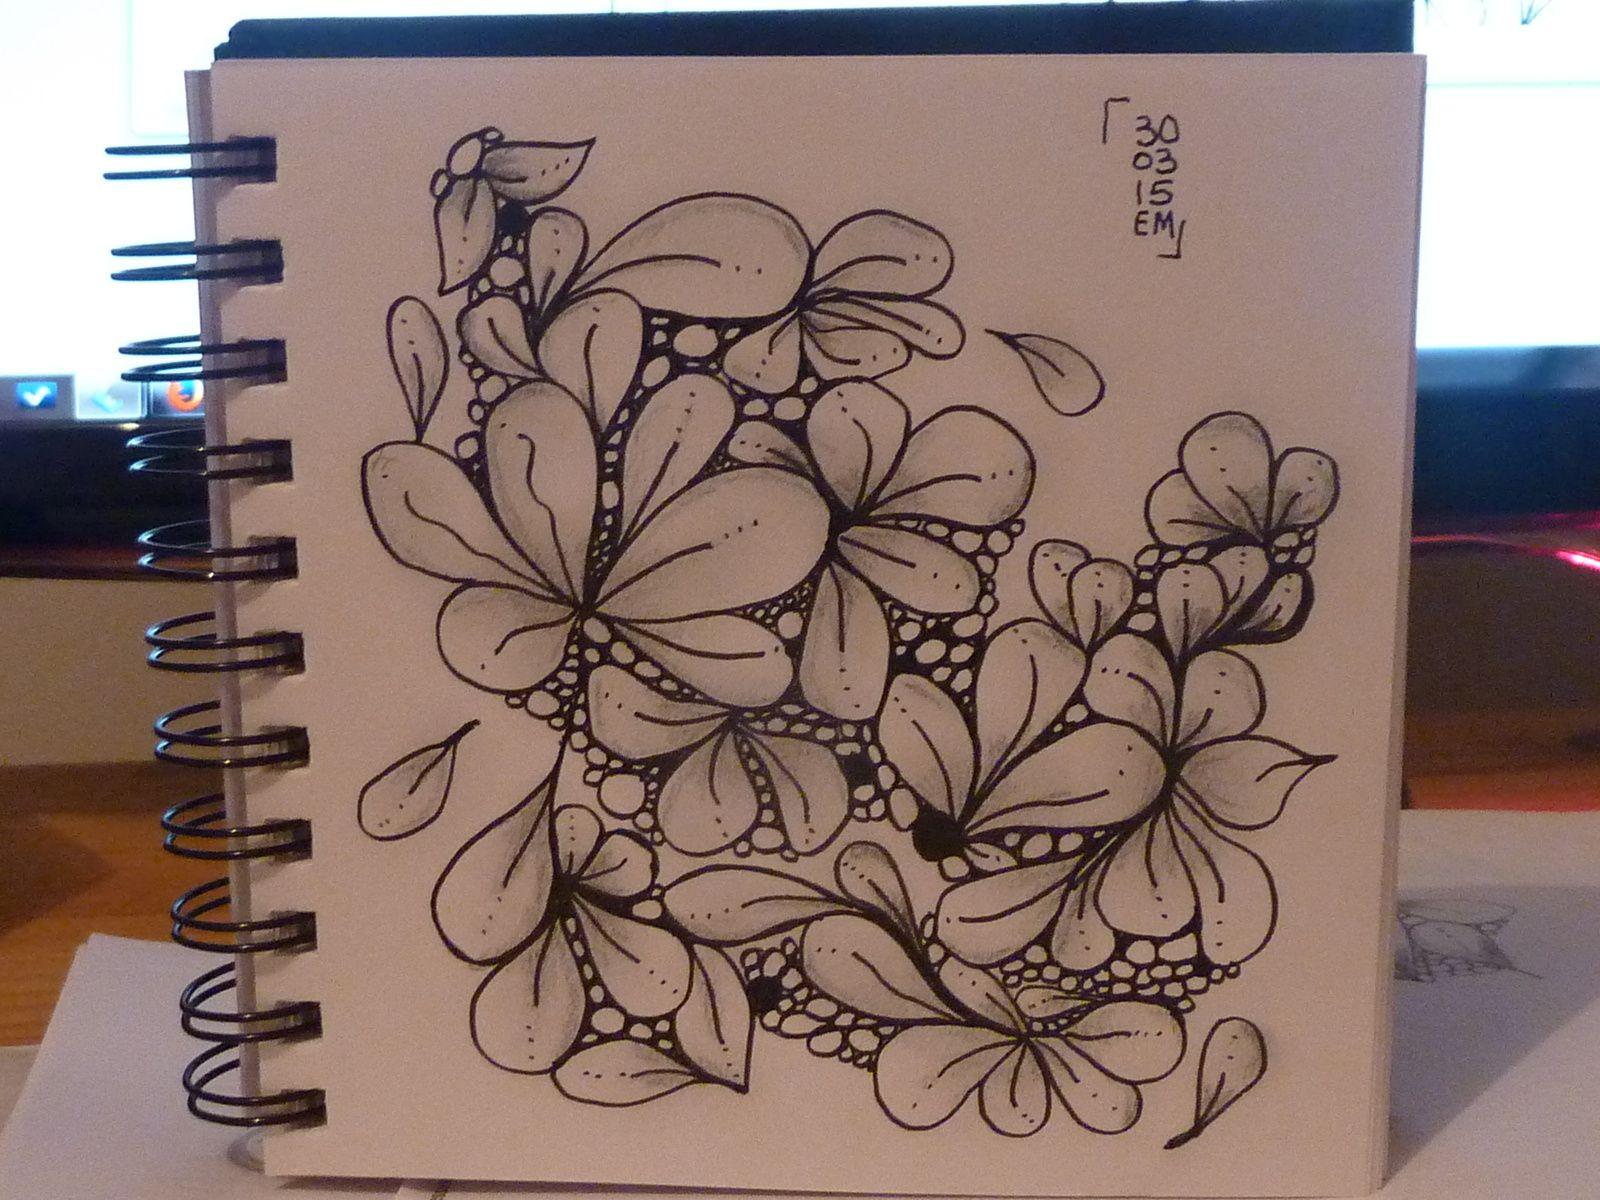 Zentangle® #20 le 30 mars 2015 emma messana